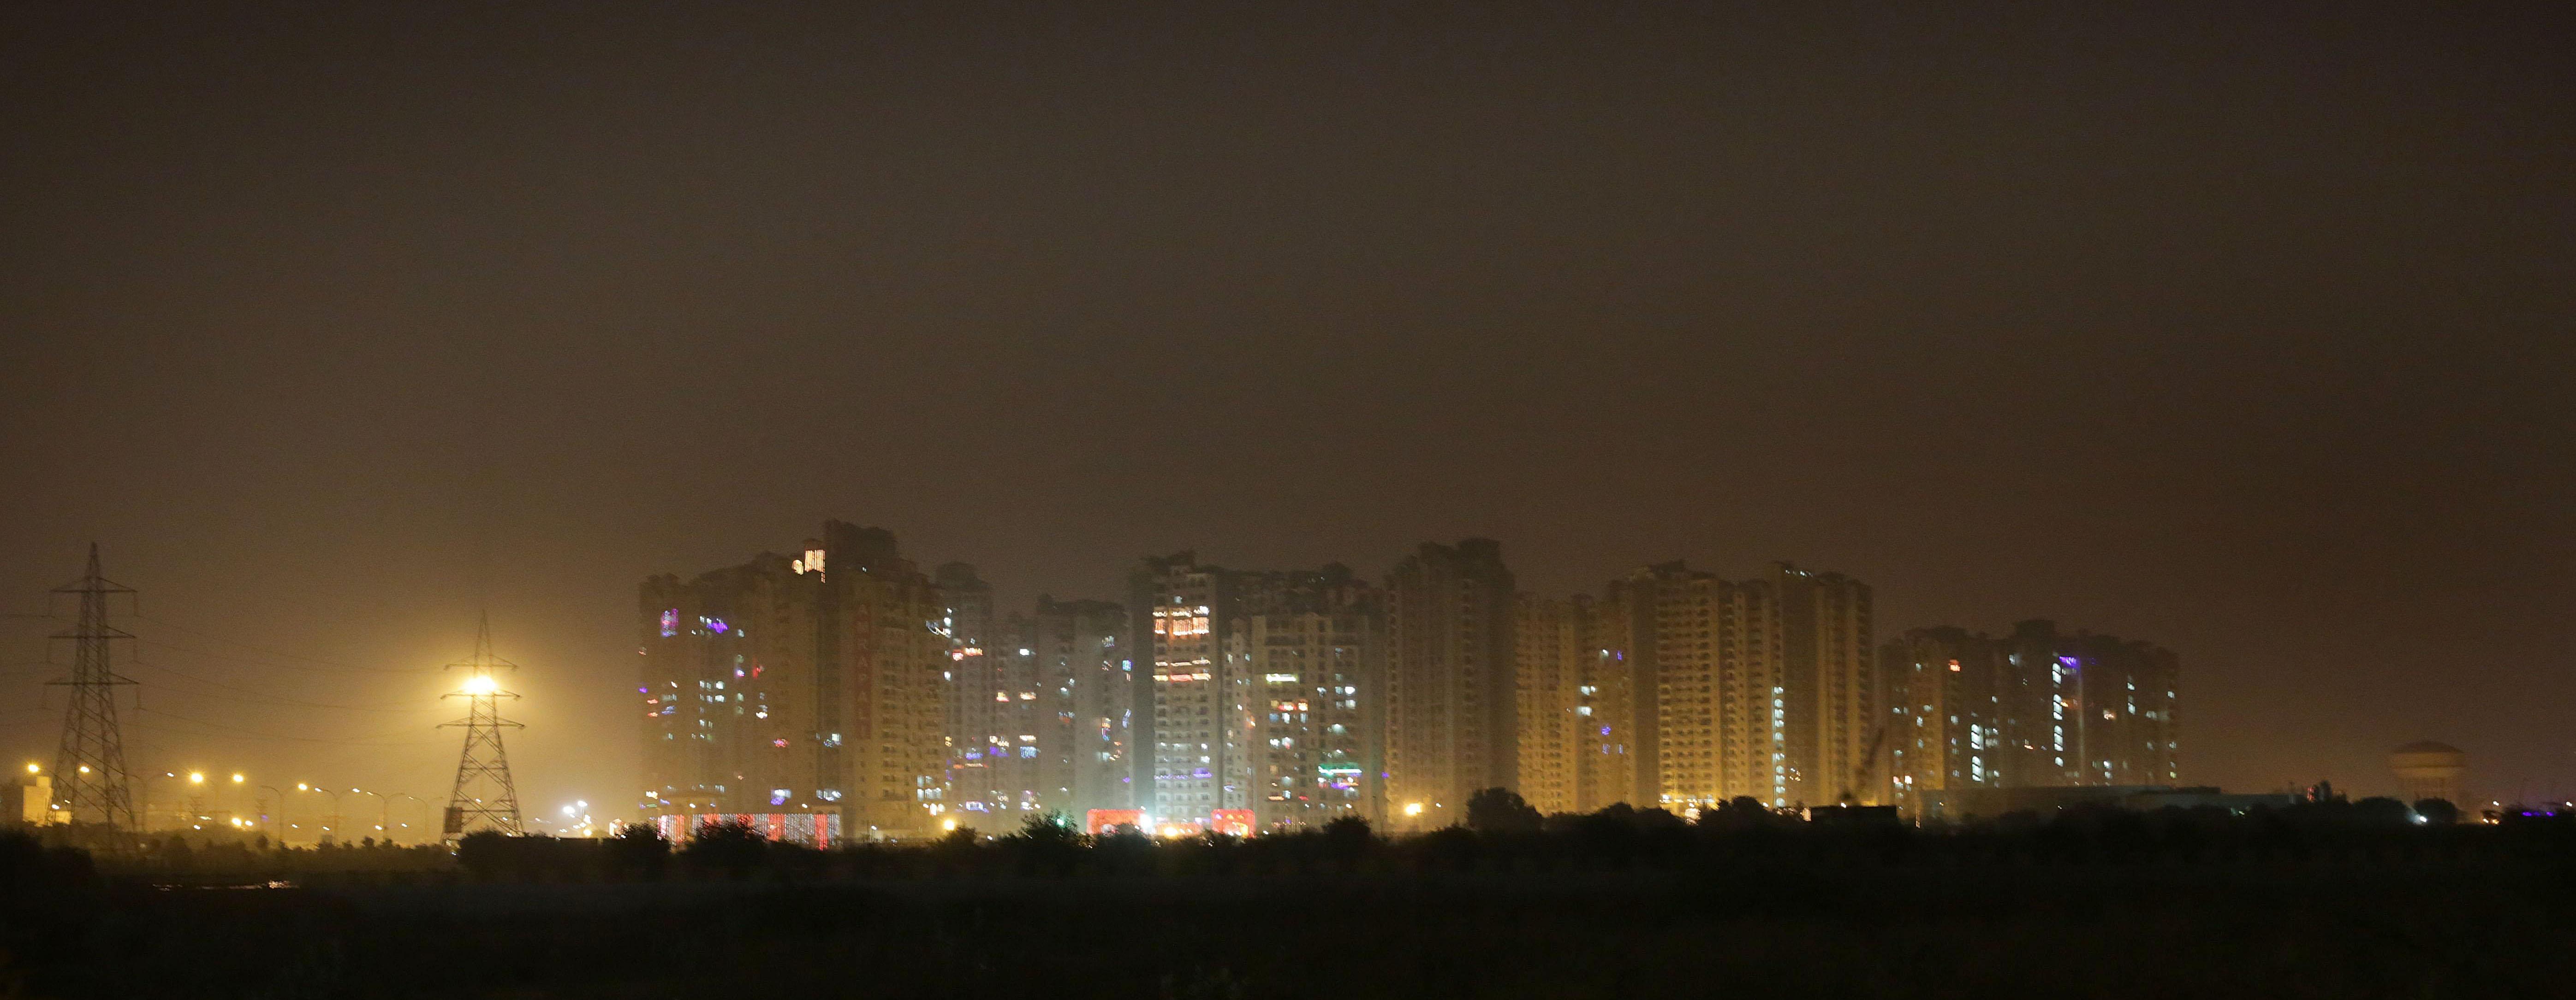 New Delhi-Smog-Air pollution-Narendra Modi-Paris talks